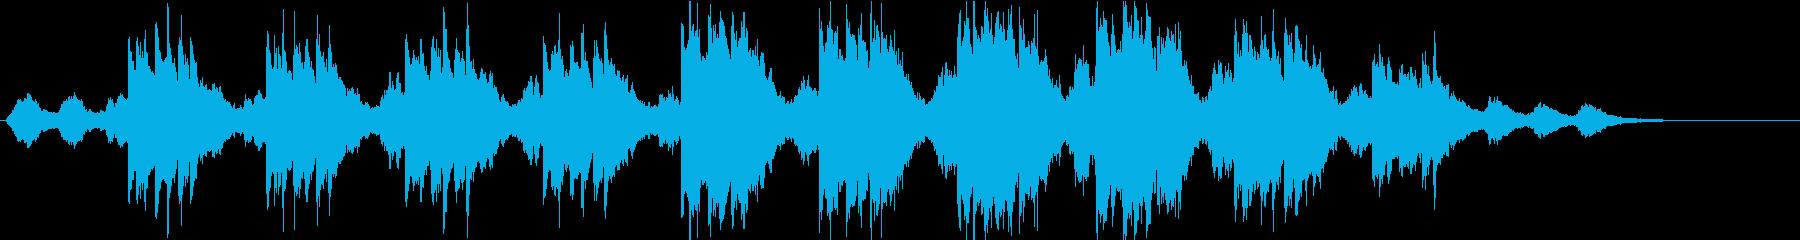 切なさ漂うアンビエント・ピアノ曲の再生済みの波形